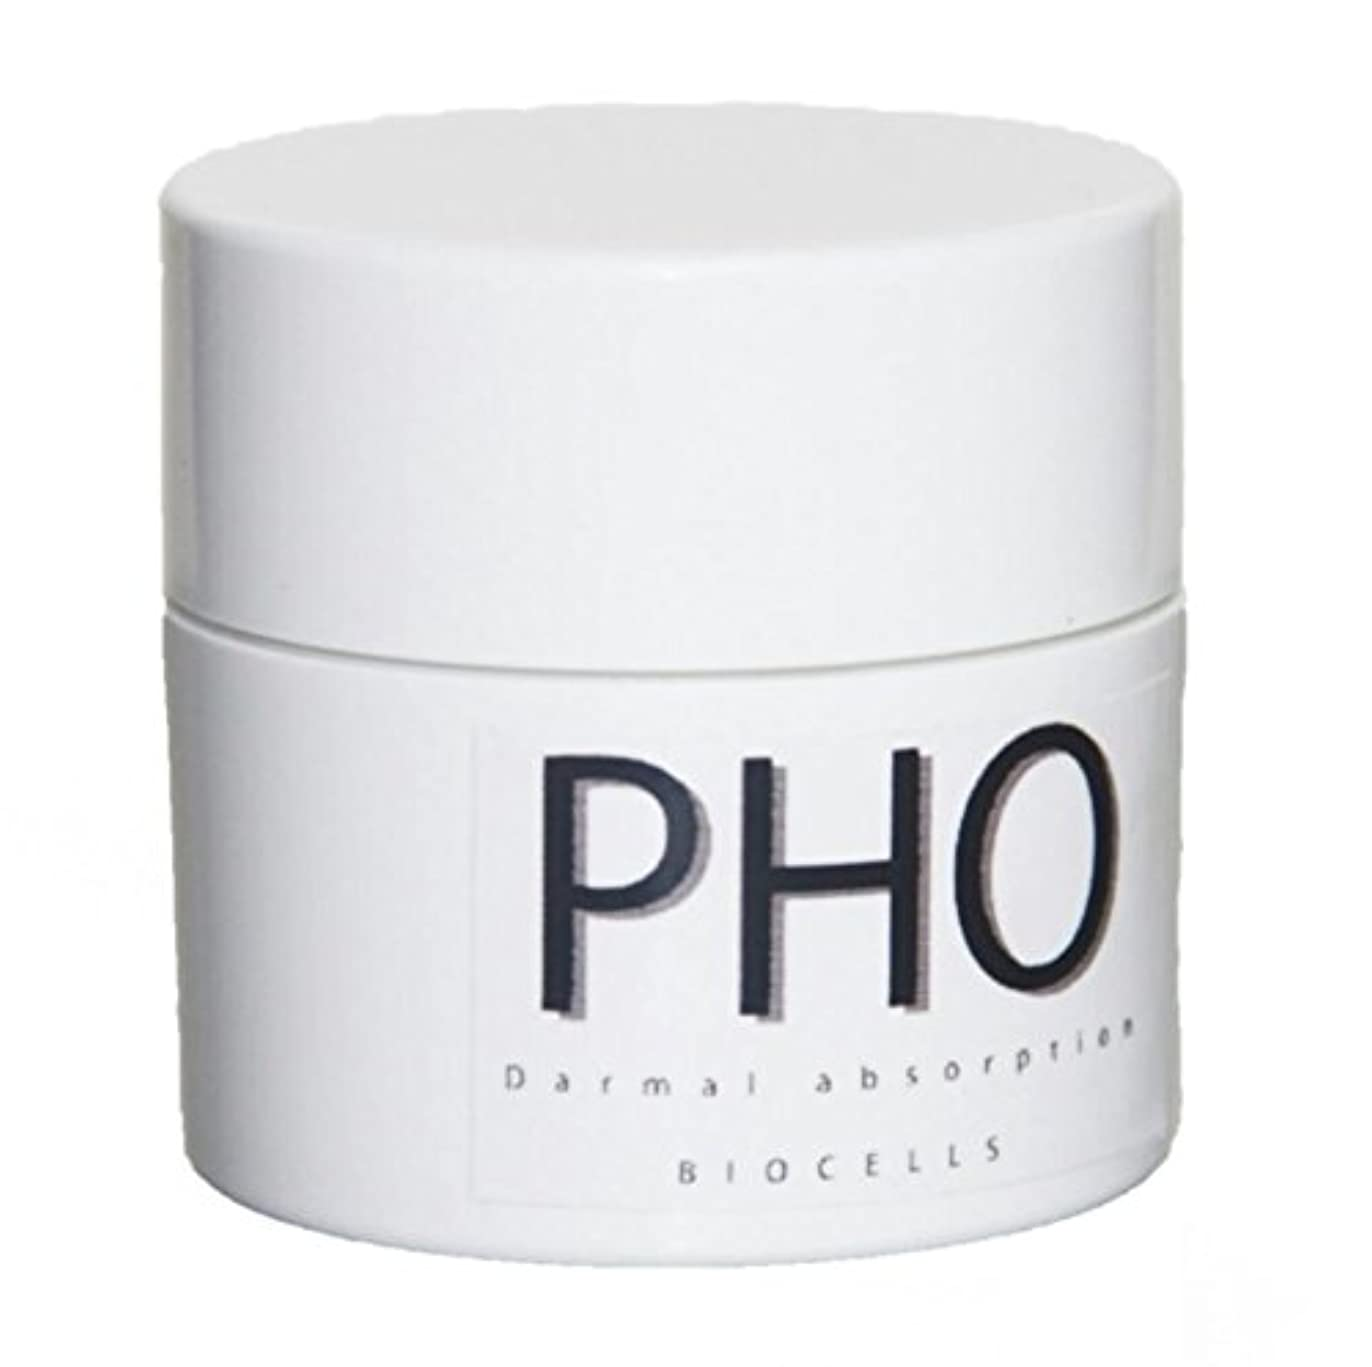 チキン方程式アクセルPHO ボディケアメソクリーム 50g (香料、着色料不使用)